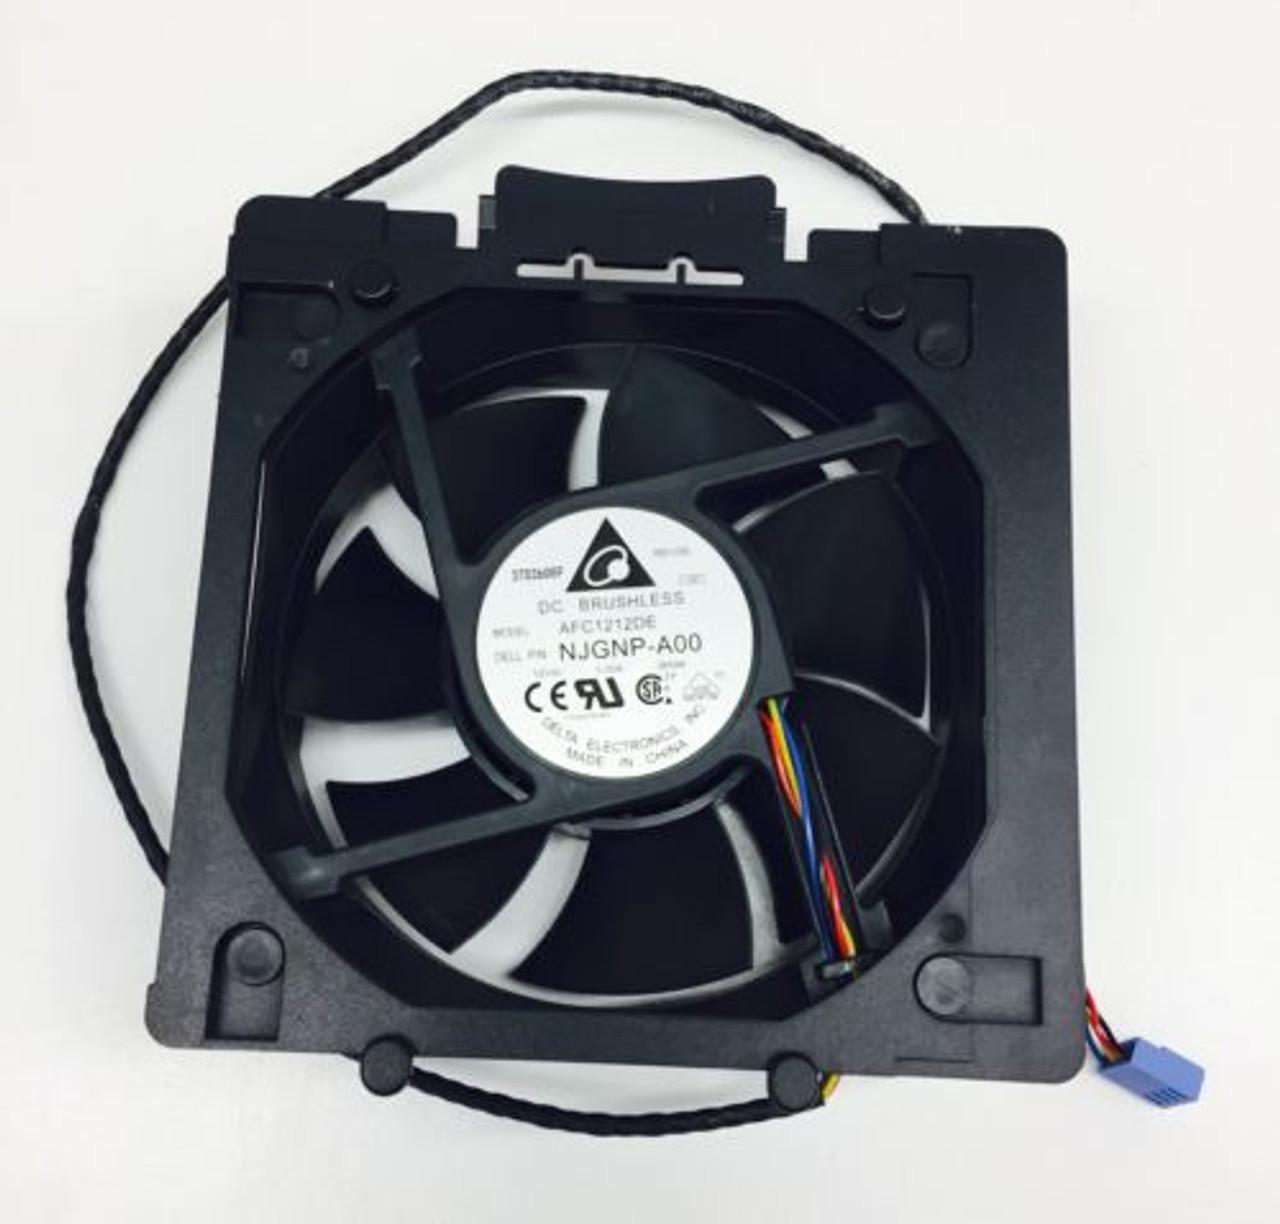 Dell FWGY3 Poweredge R320/T420 Rear Fan 12V